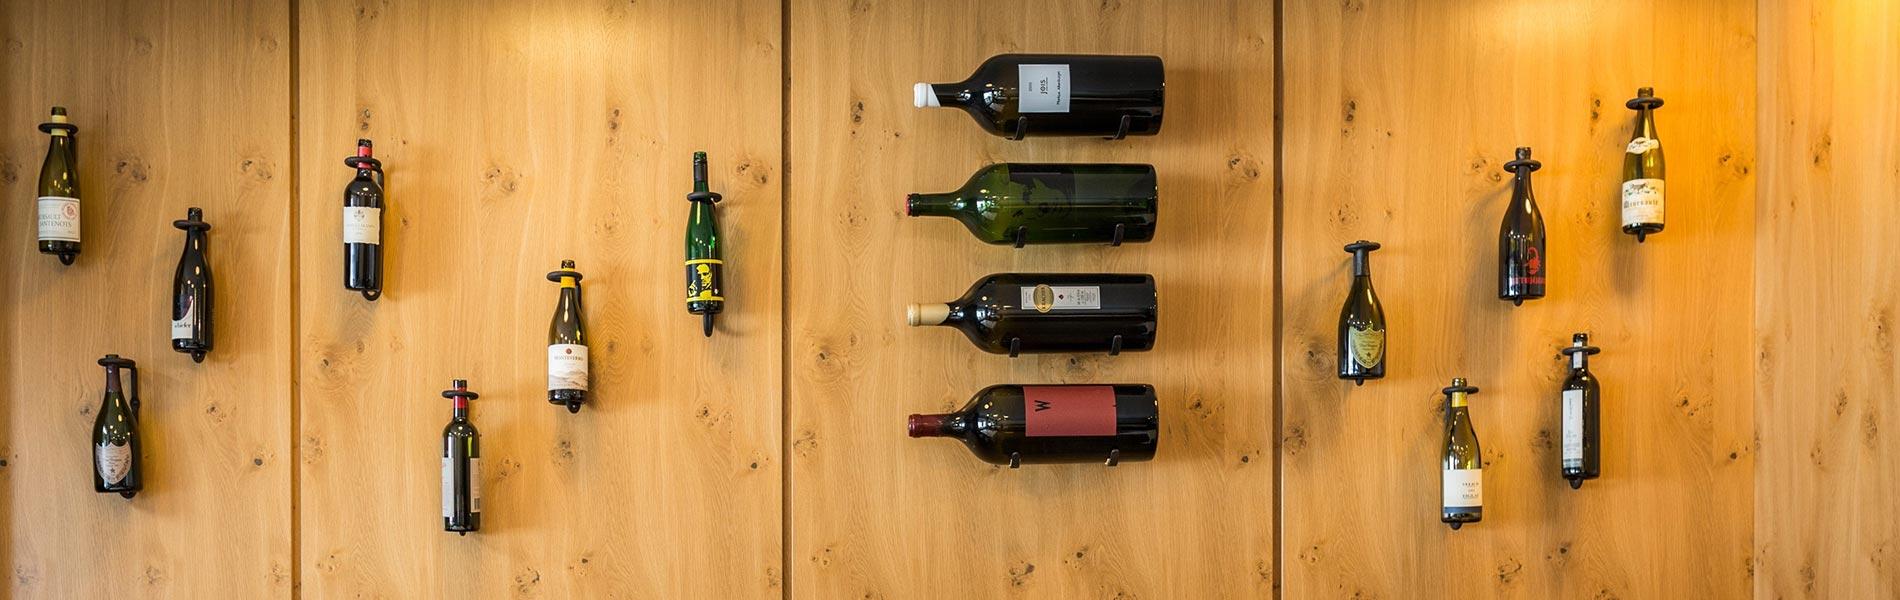 Wein und Sommelier SPA Extras Hotel Rosengarten 5 Sterne Hotel Relais & Châteaux Hotel Kirchberg Tirol Austria